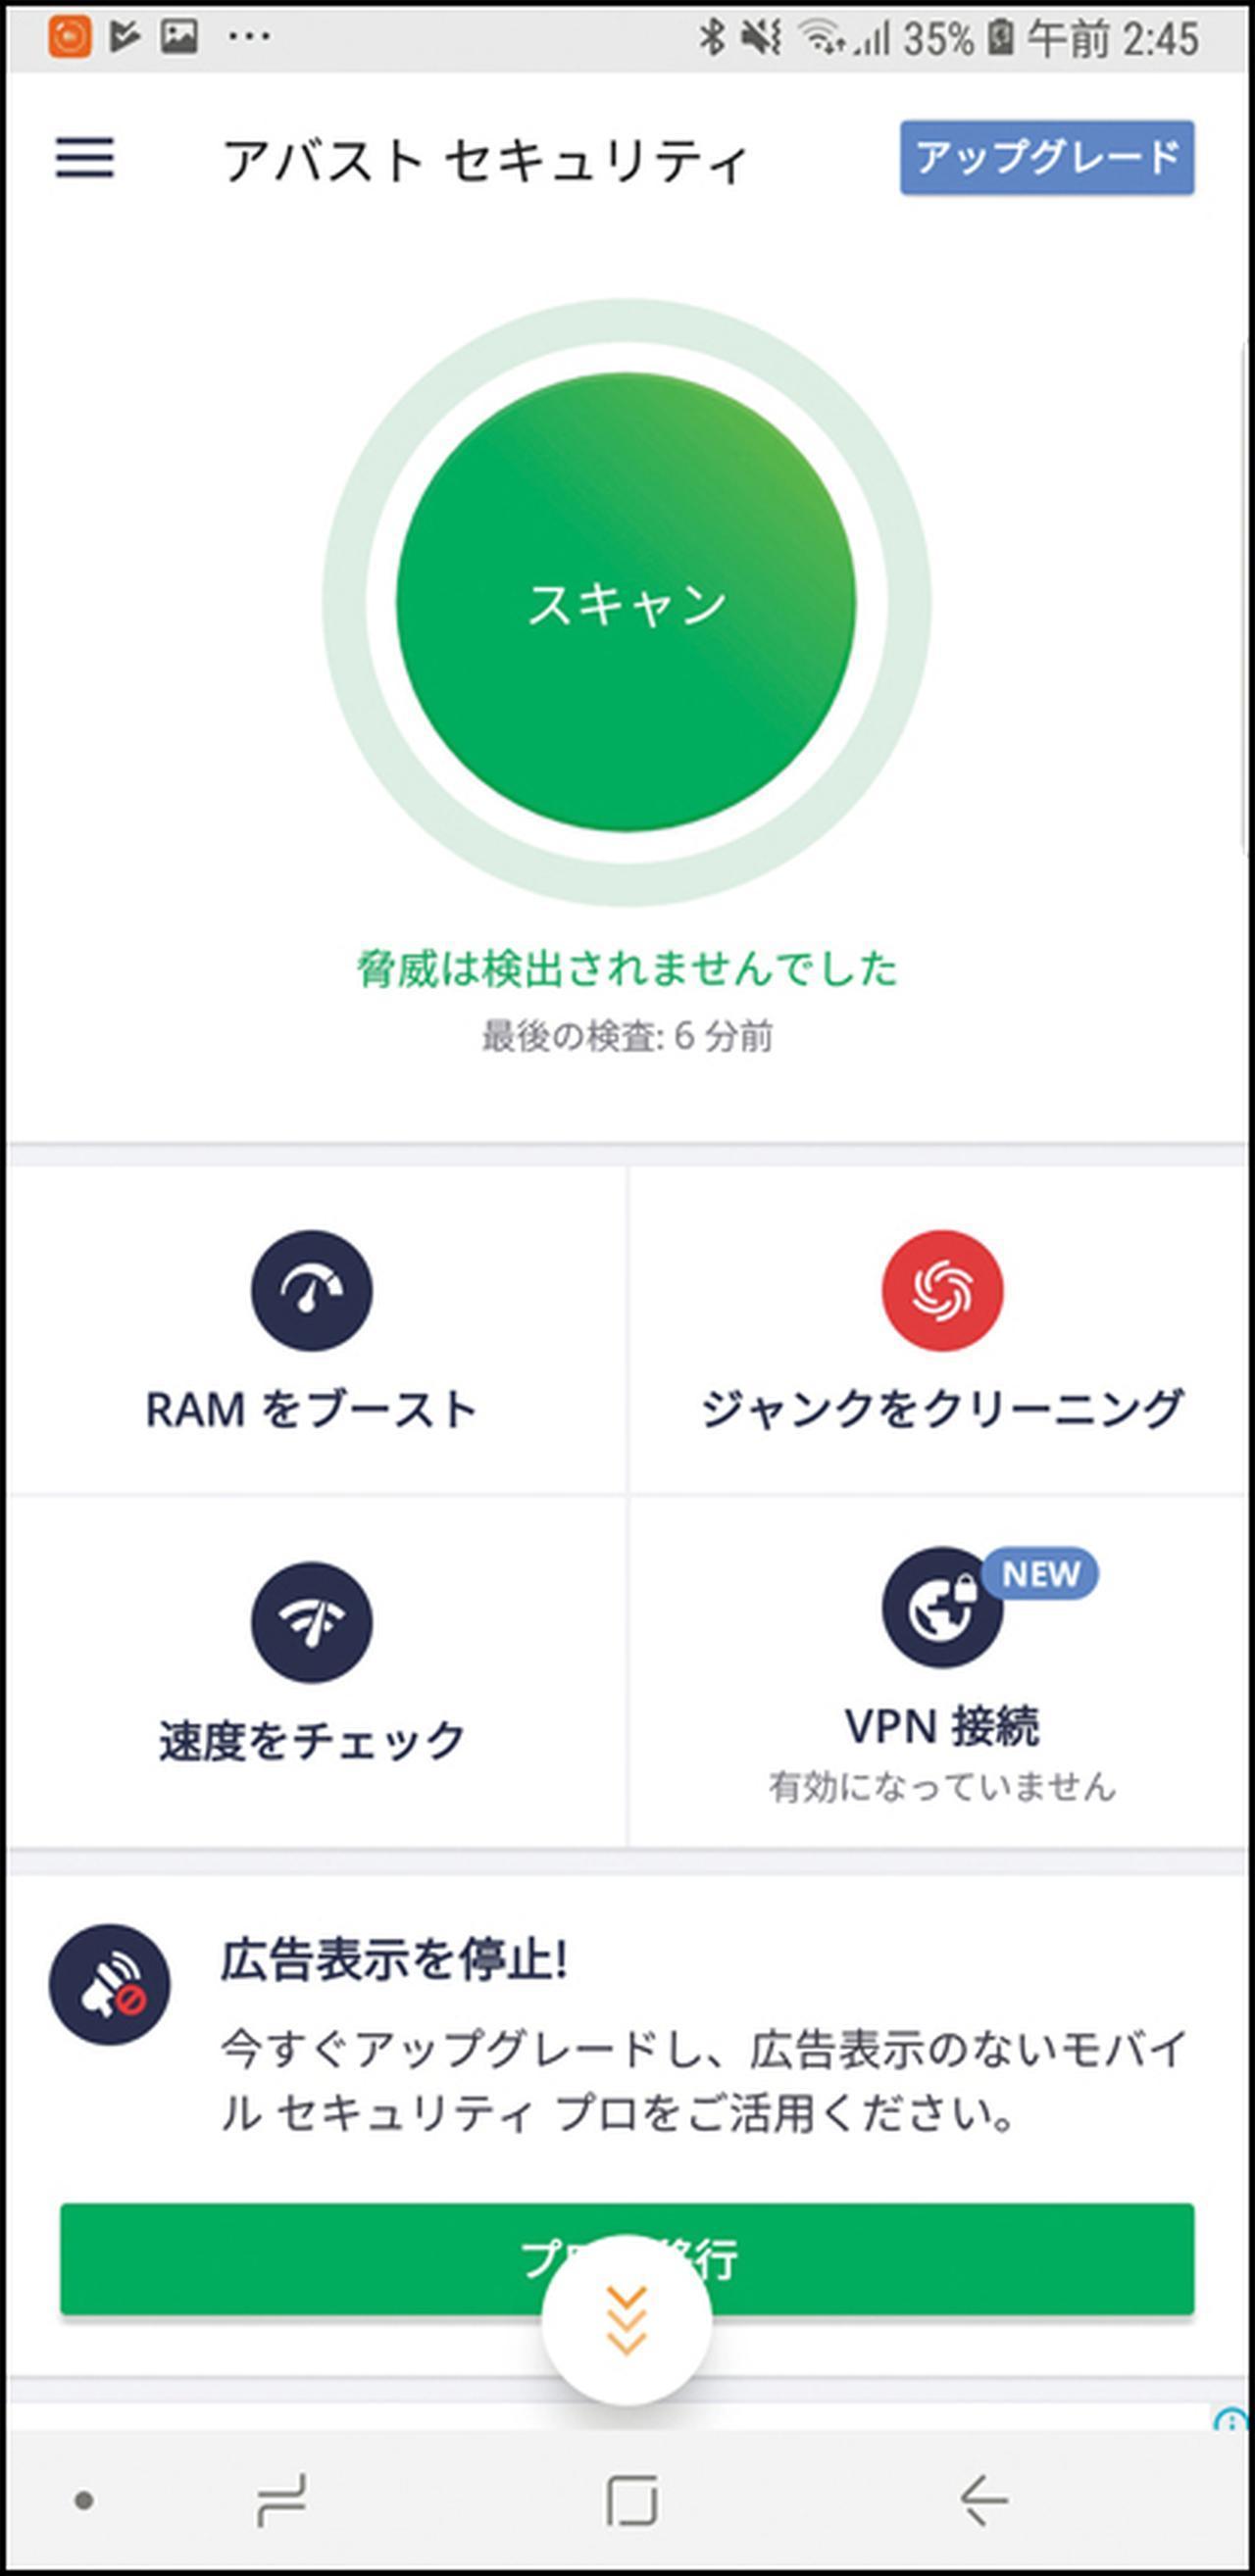 画像: アバスト無料アンチウイルスのAndroid版で、任意のスケジュールでウイルススキャンを実行可能。タスククリーナーやWi-Fi検査なども無料で利用可能だ。